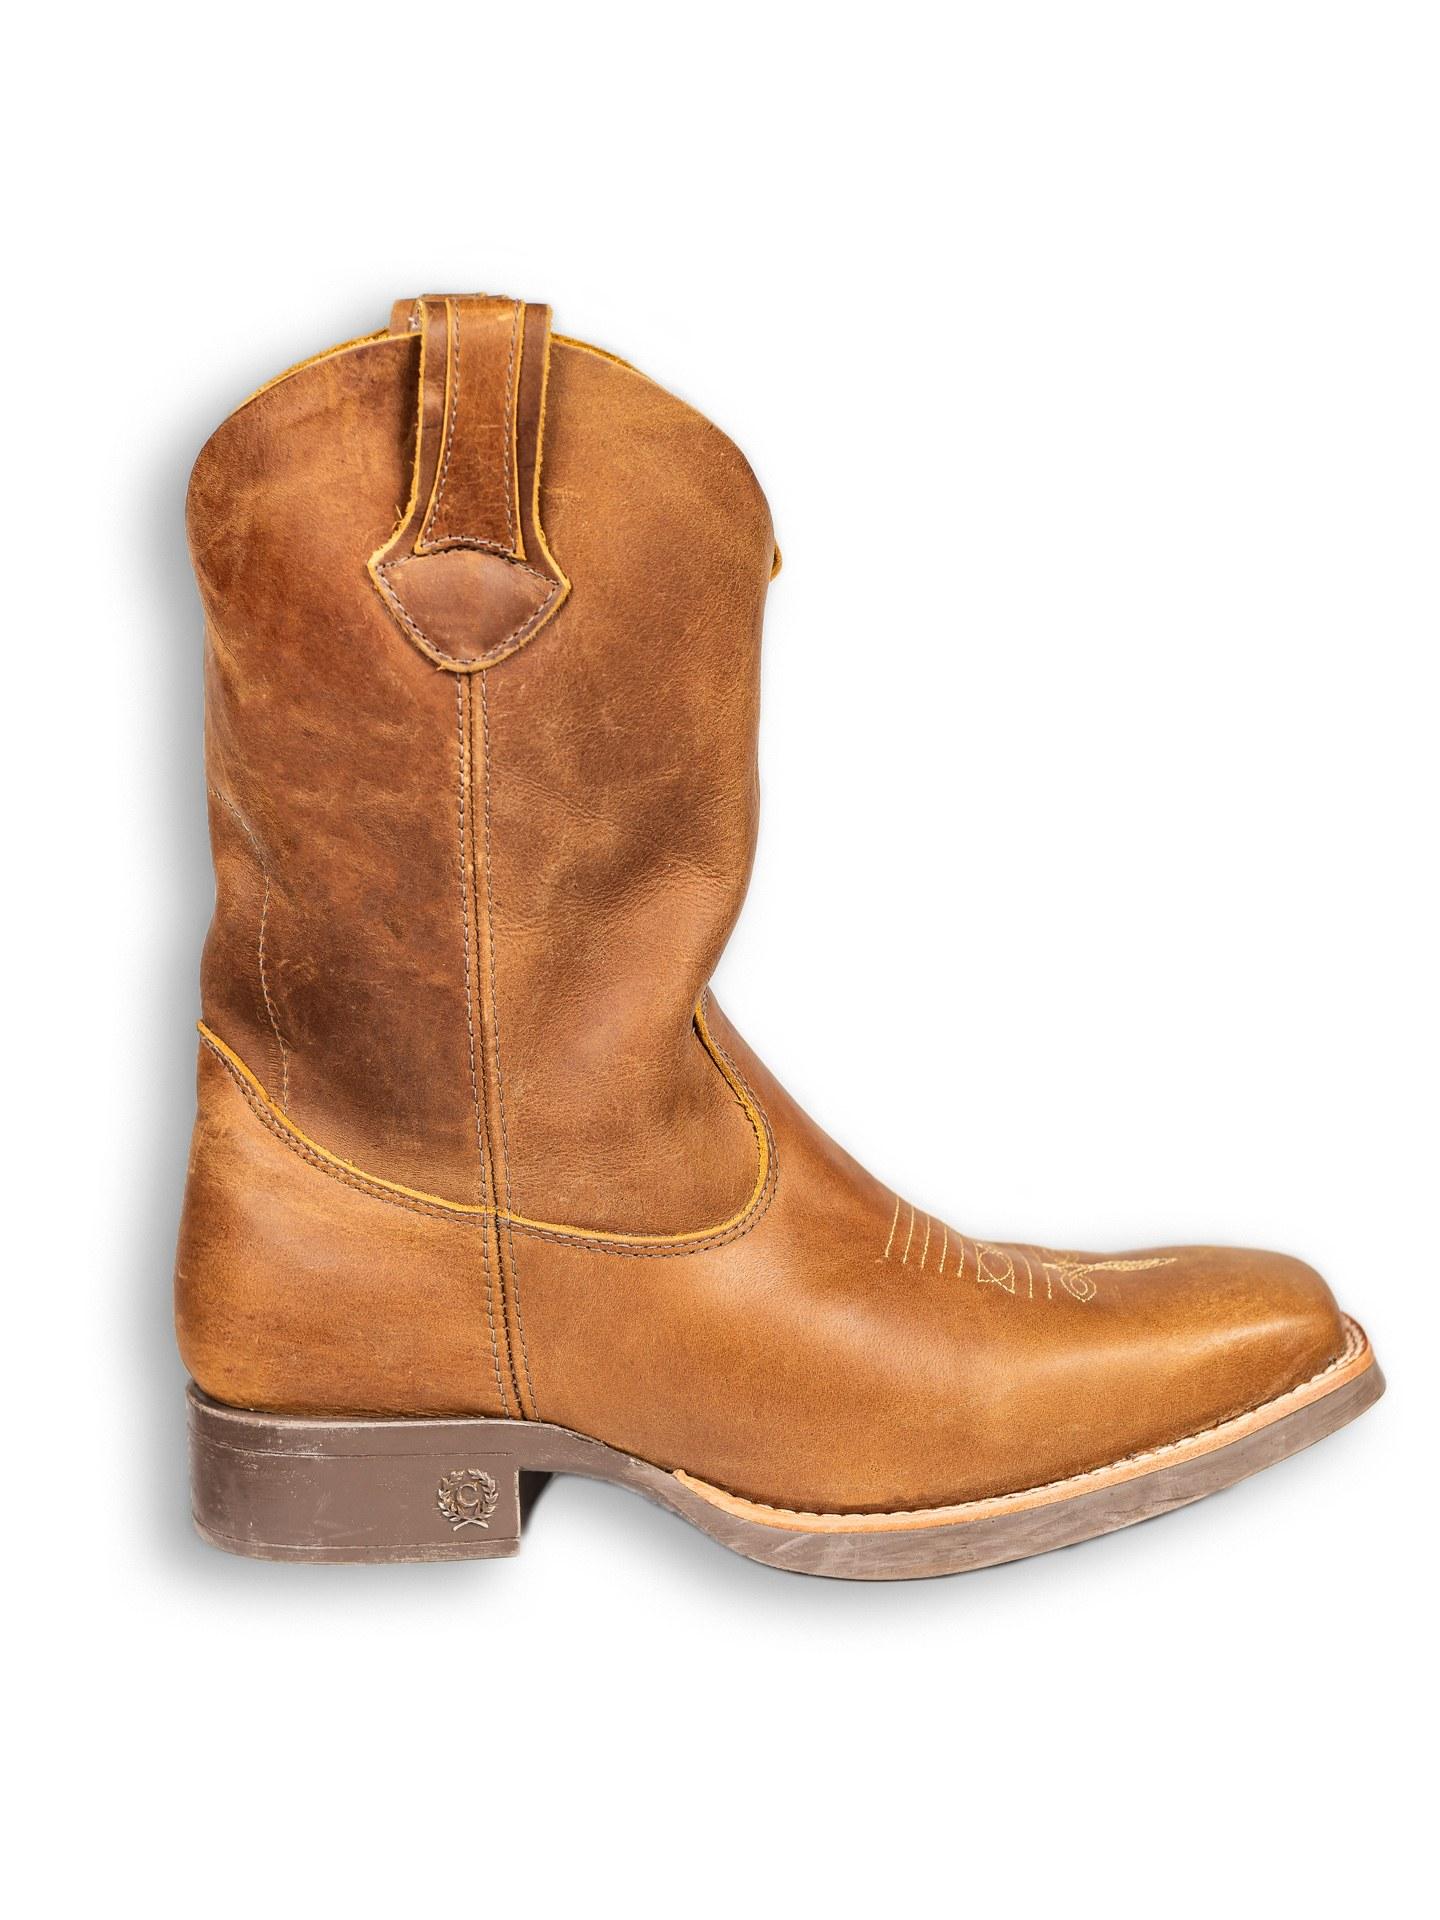 Bota Texana Country Classic Original Fóssil De Couro